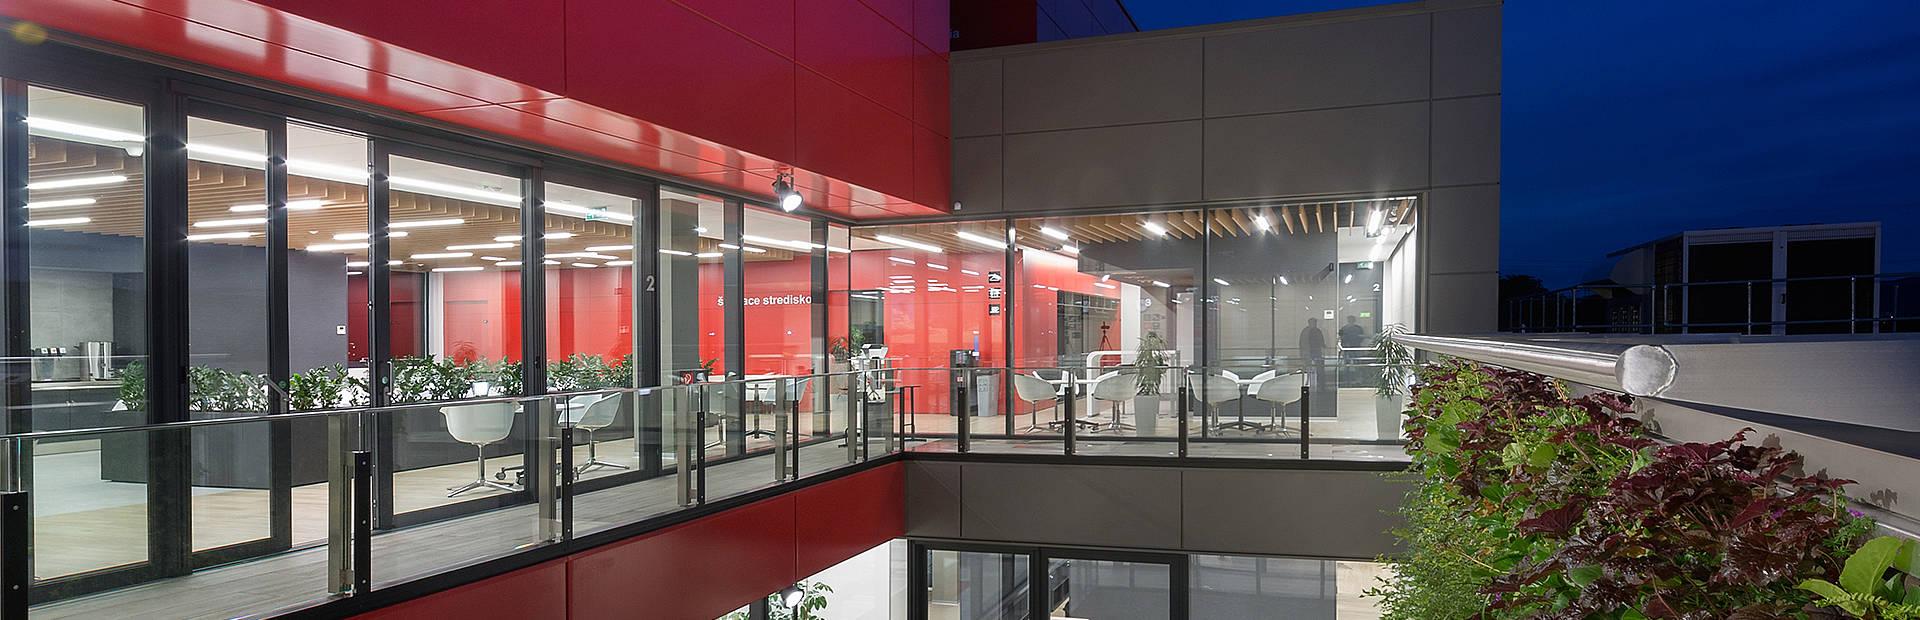 Trimo Energy efficient façade solutions